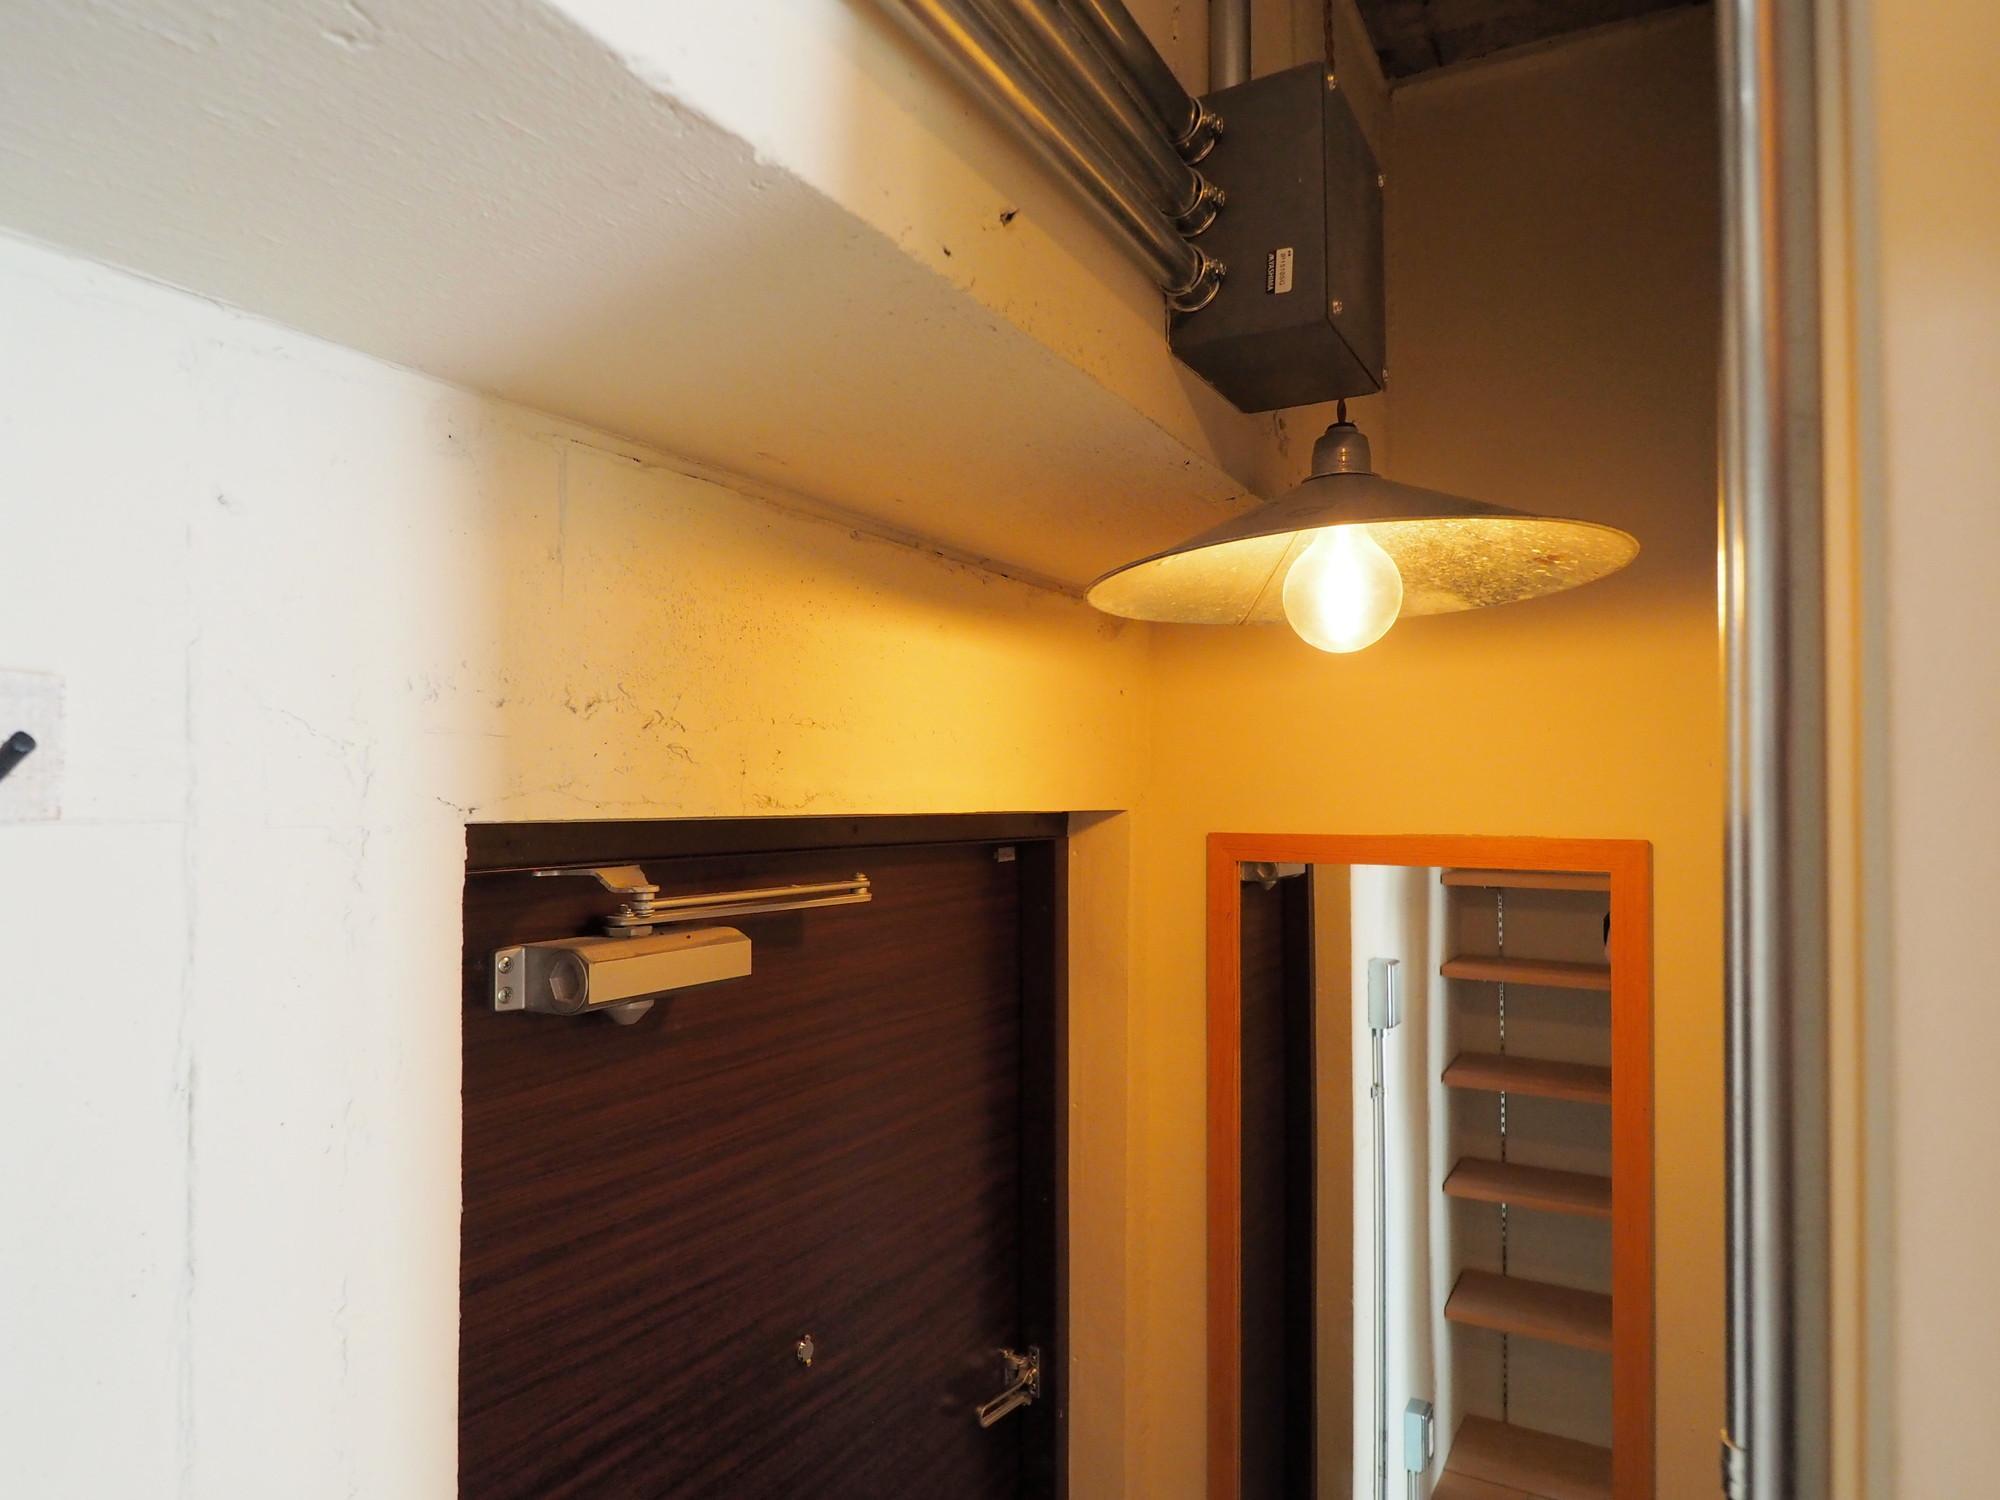 シェードと鏡が設置された玄関